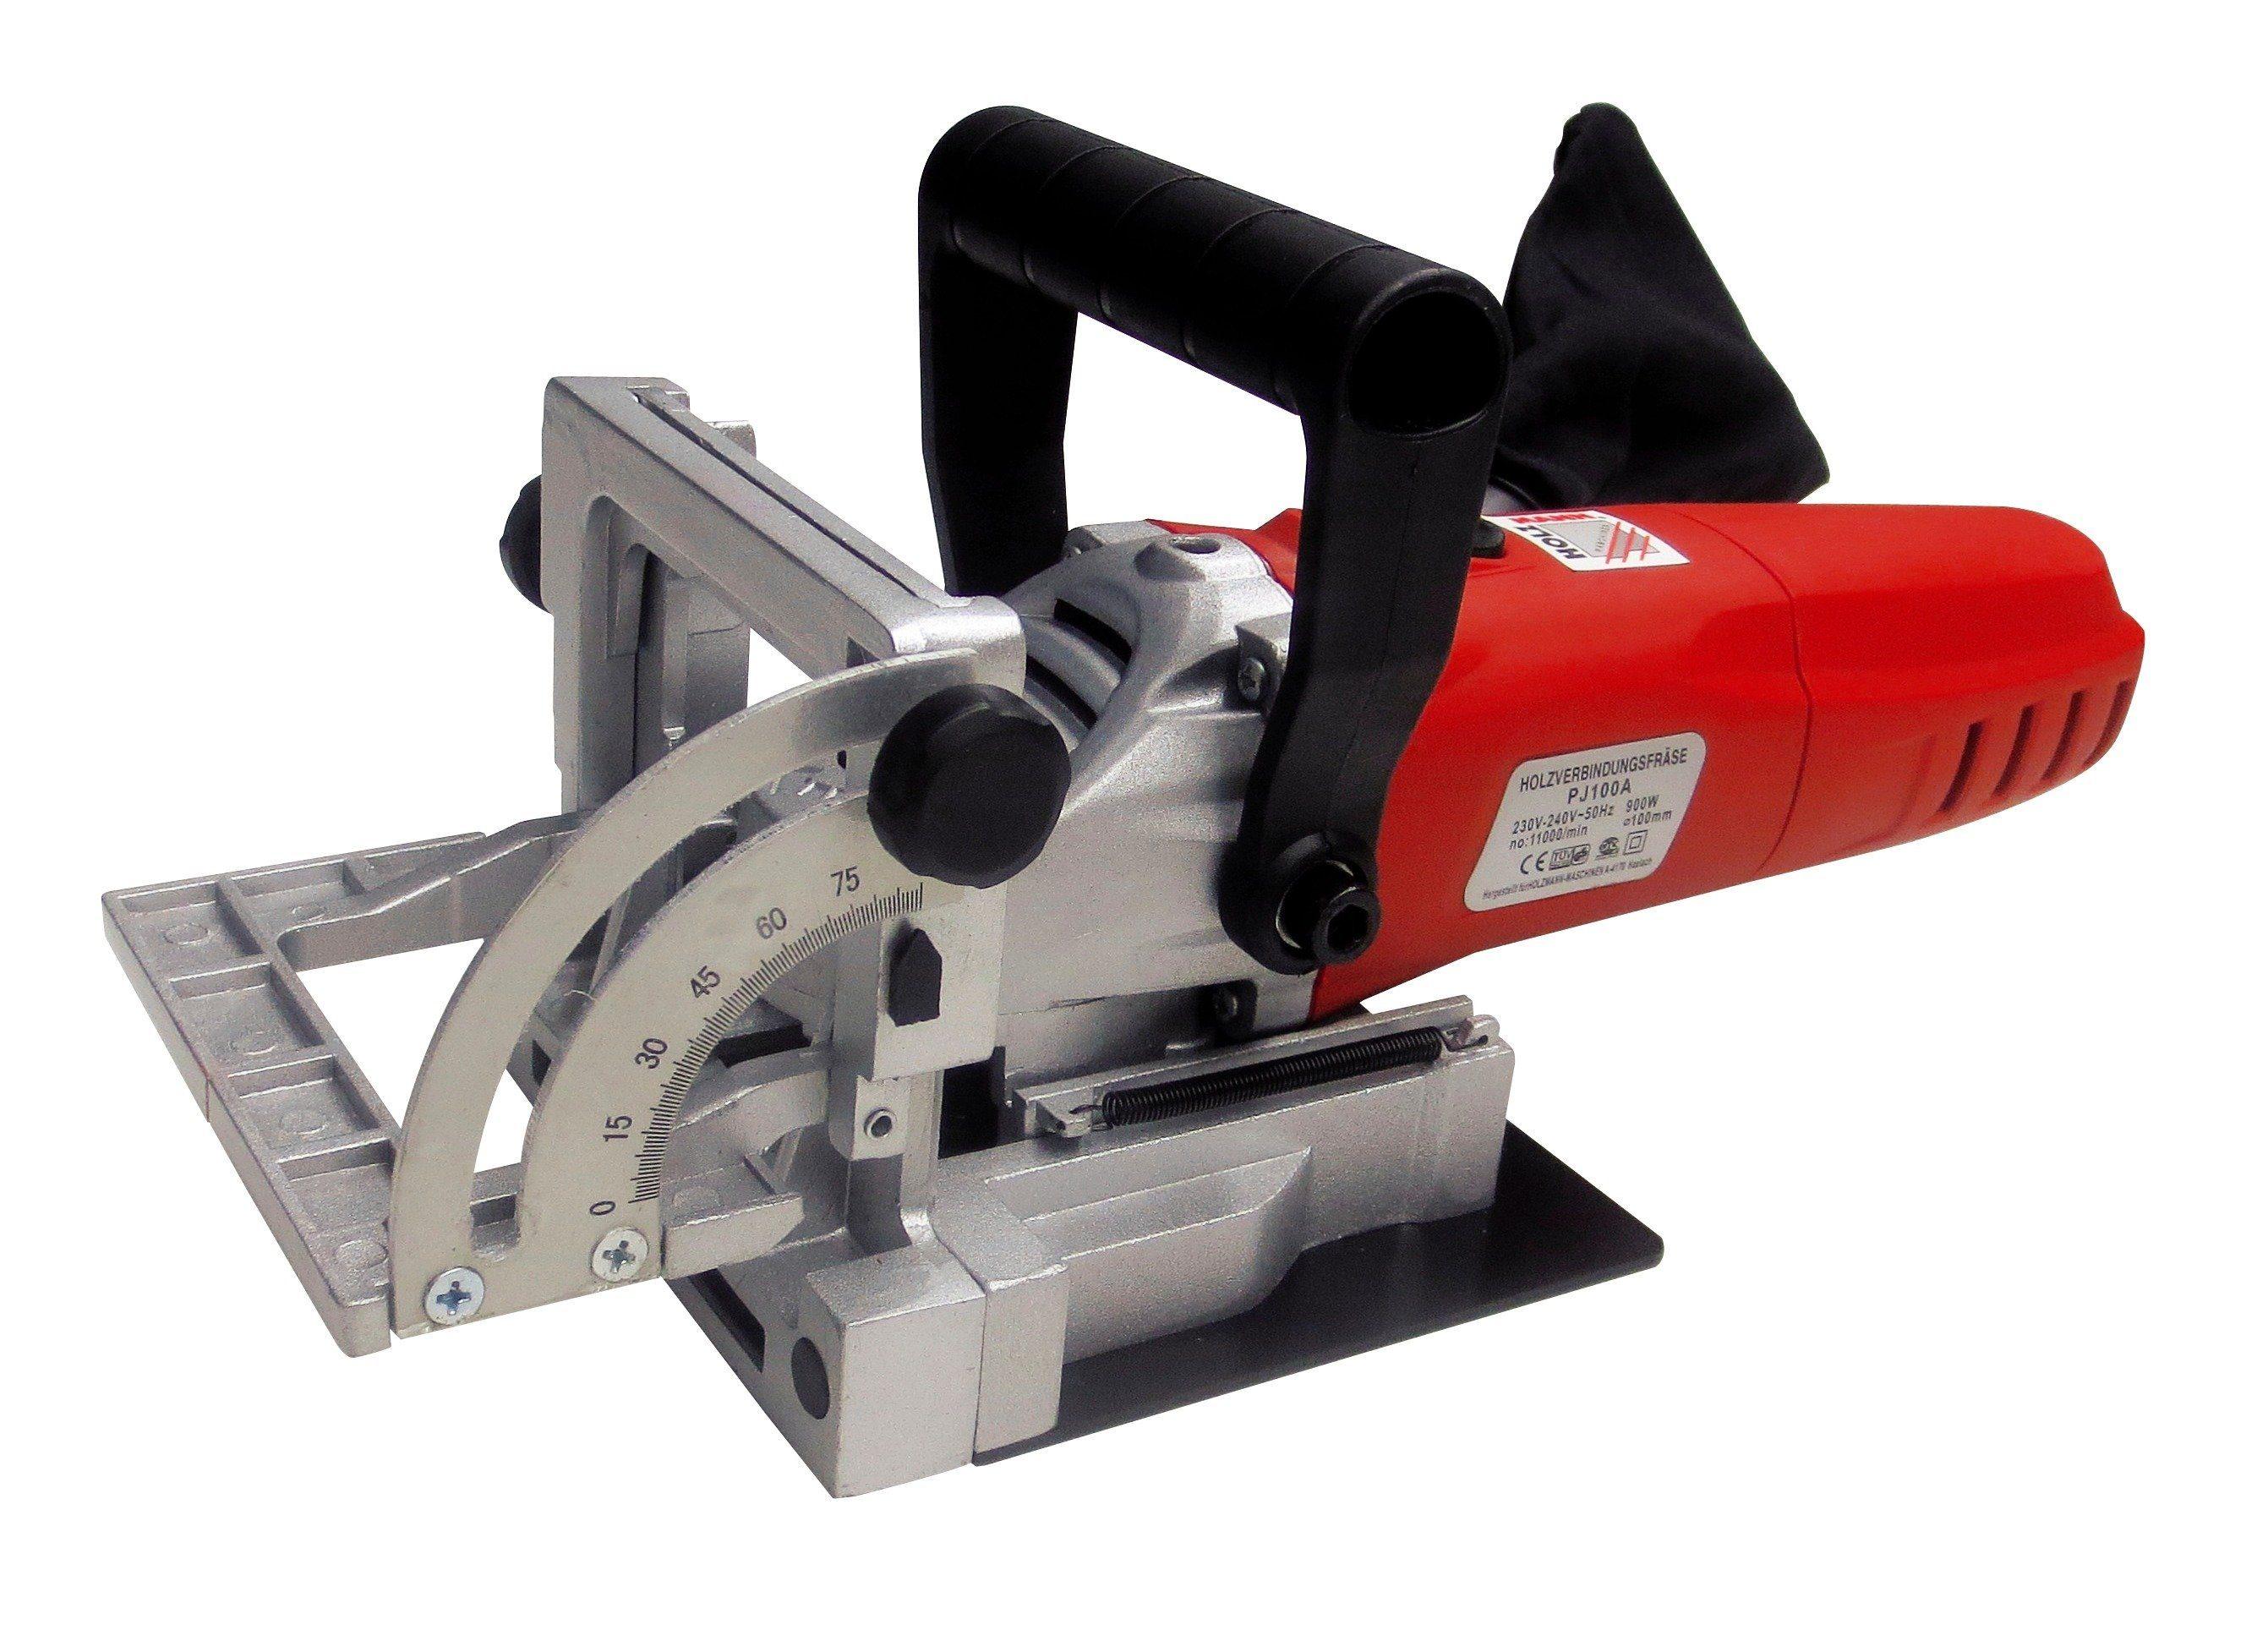 Holzmann-Maschinen Holzverbindungsfräse »PJ 100A«